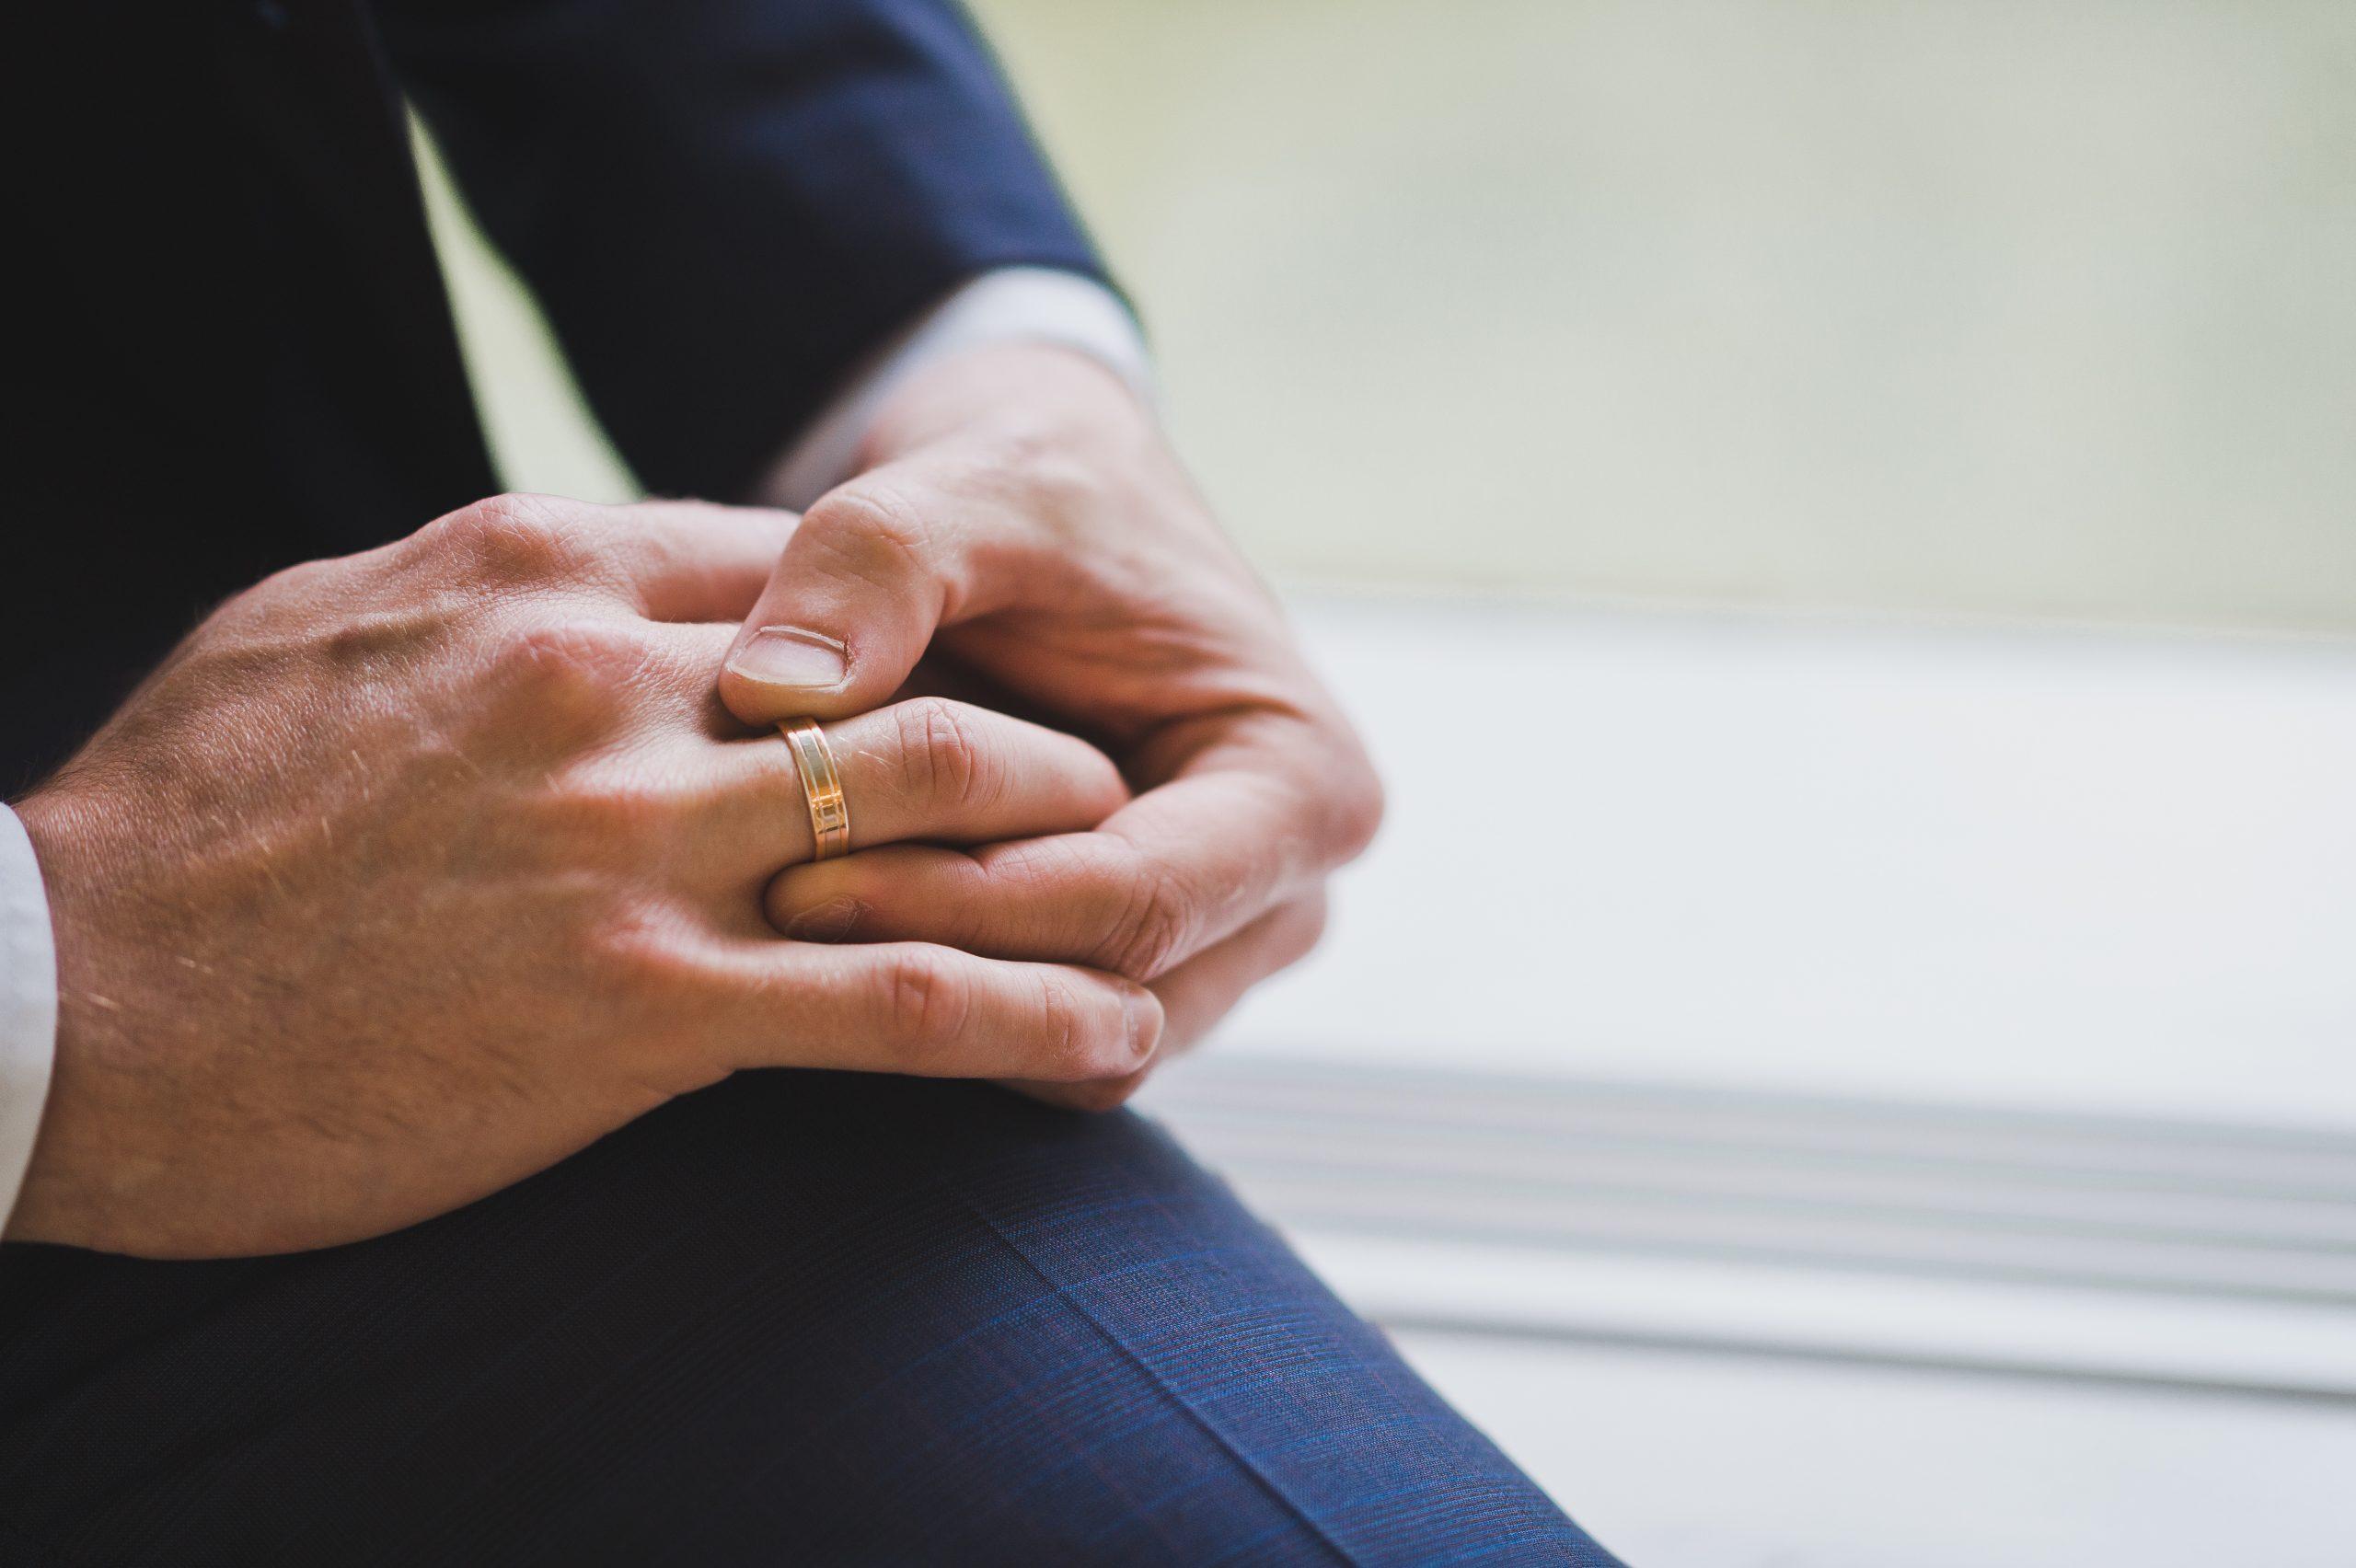 結婚指輪を外す男性